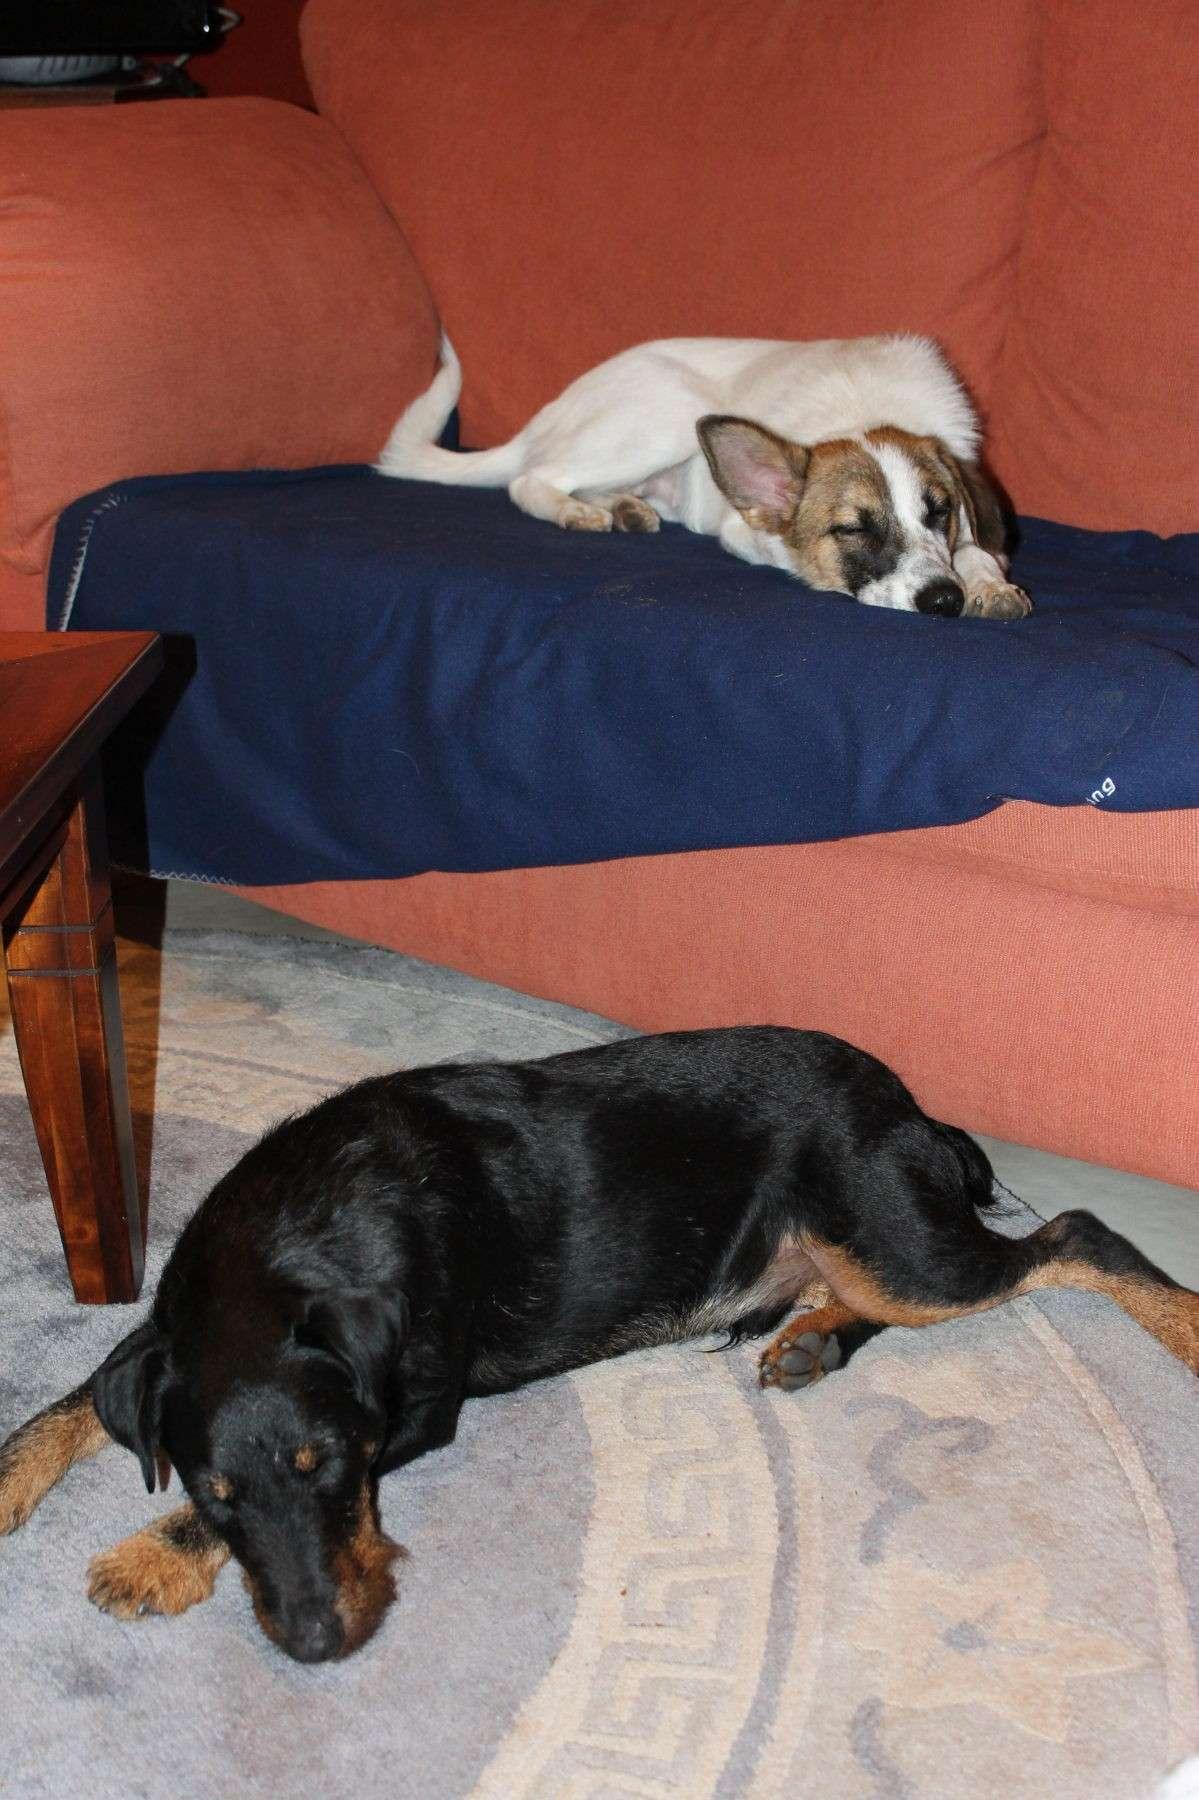 Belgique - WATSON jagd terrier  1 an, avant mercredi !!! Verviers ... adopté en Allemagne par Barbara Watson12